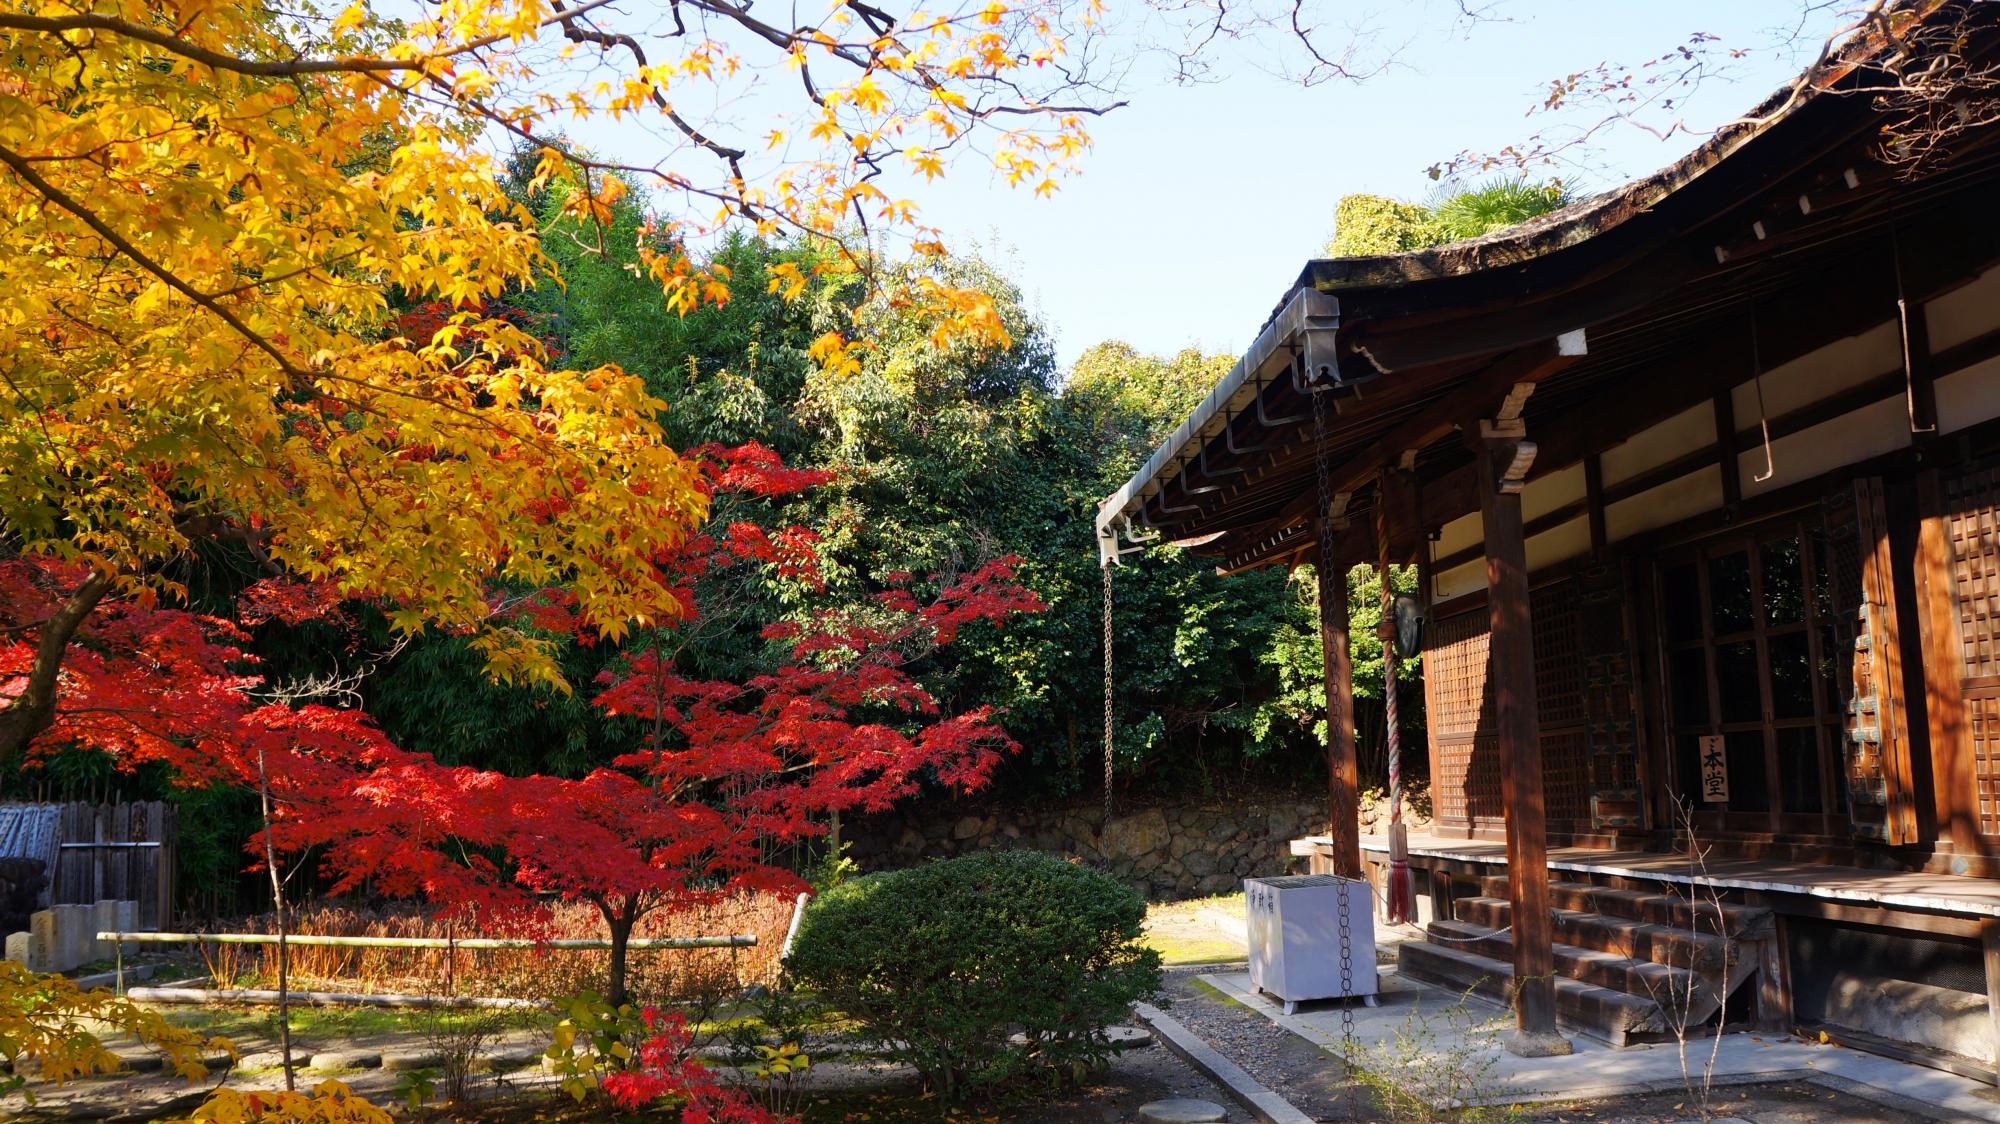 勧修寺の本堂前の赤色や黄色の華やかな紅葉